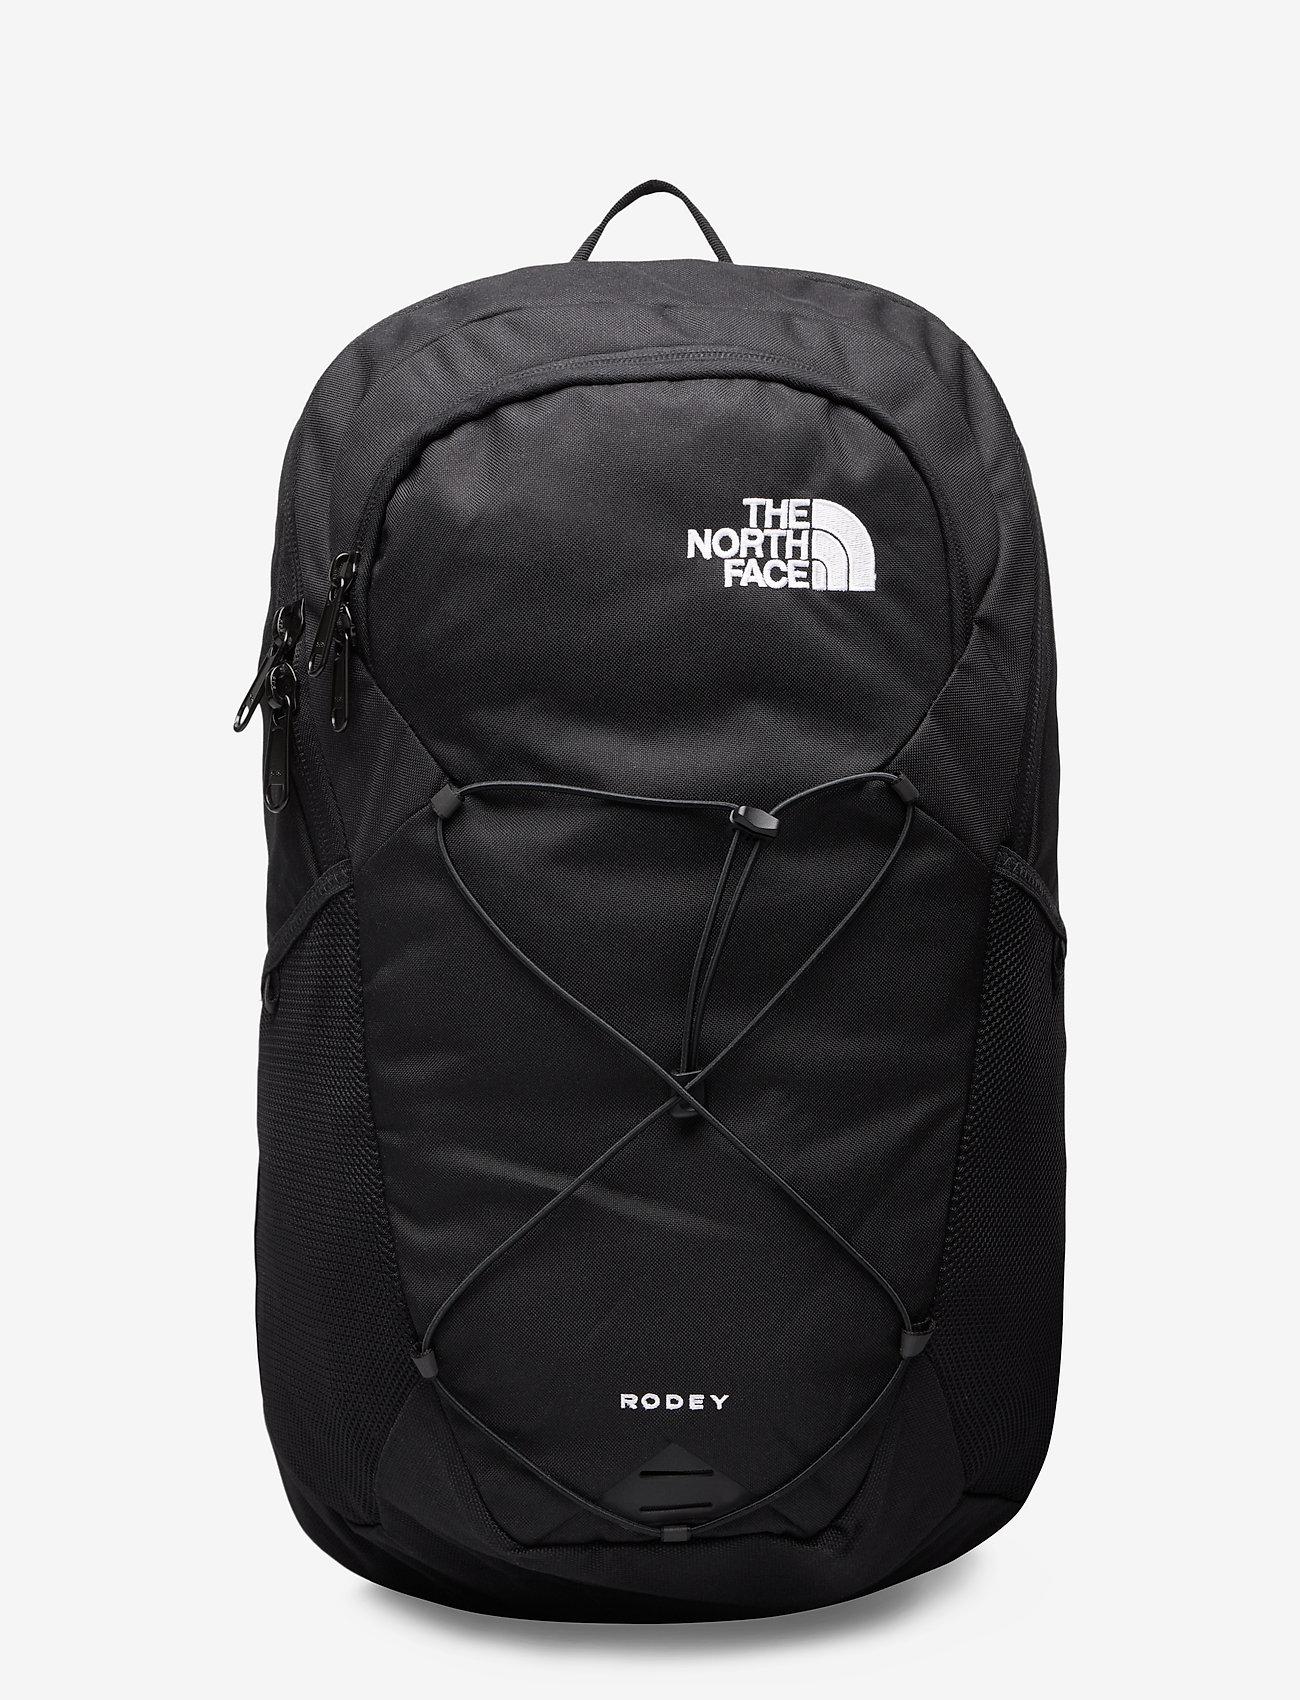 The North Face - RODEY - sacs a dos - tnf black - 0